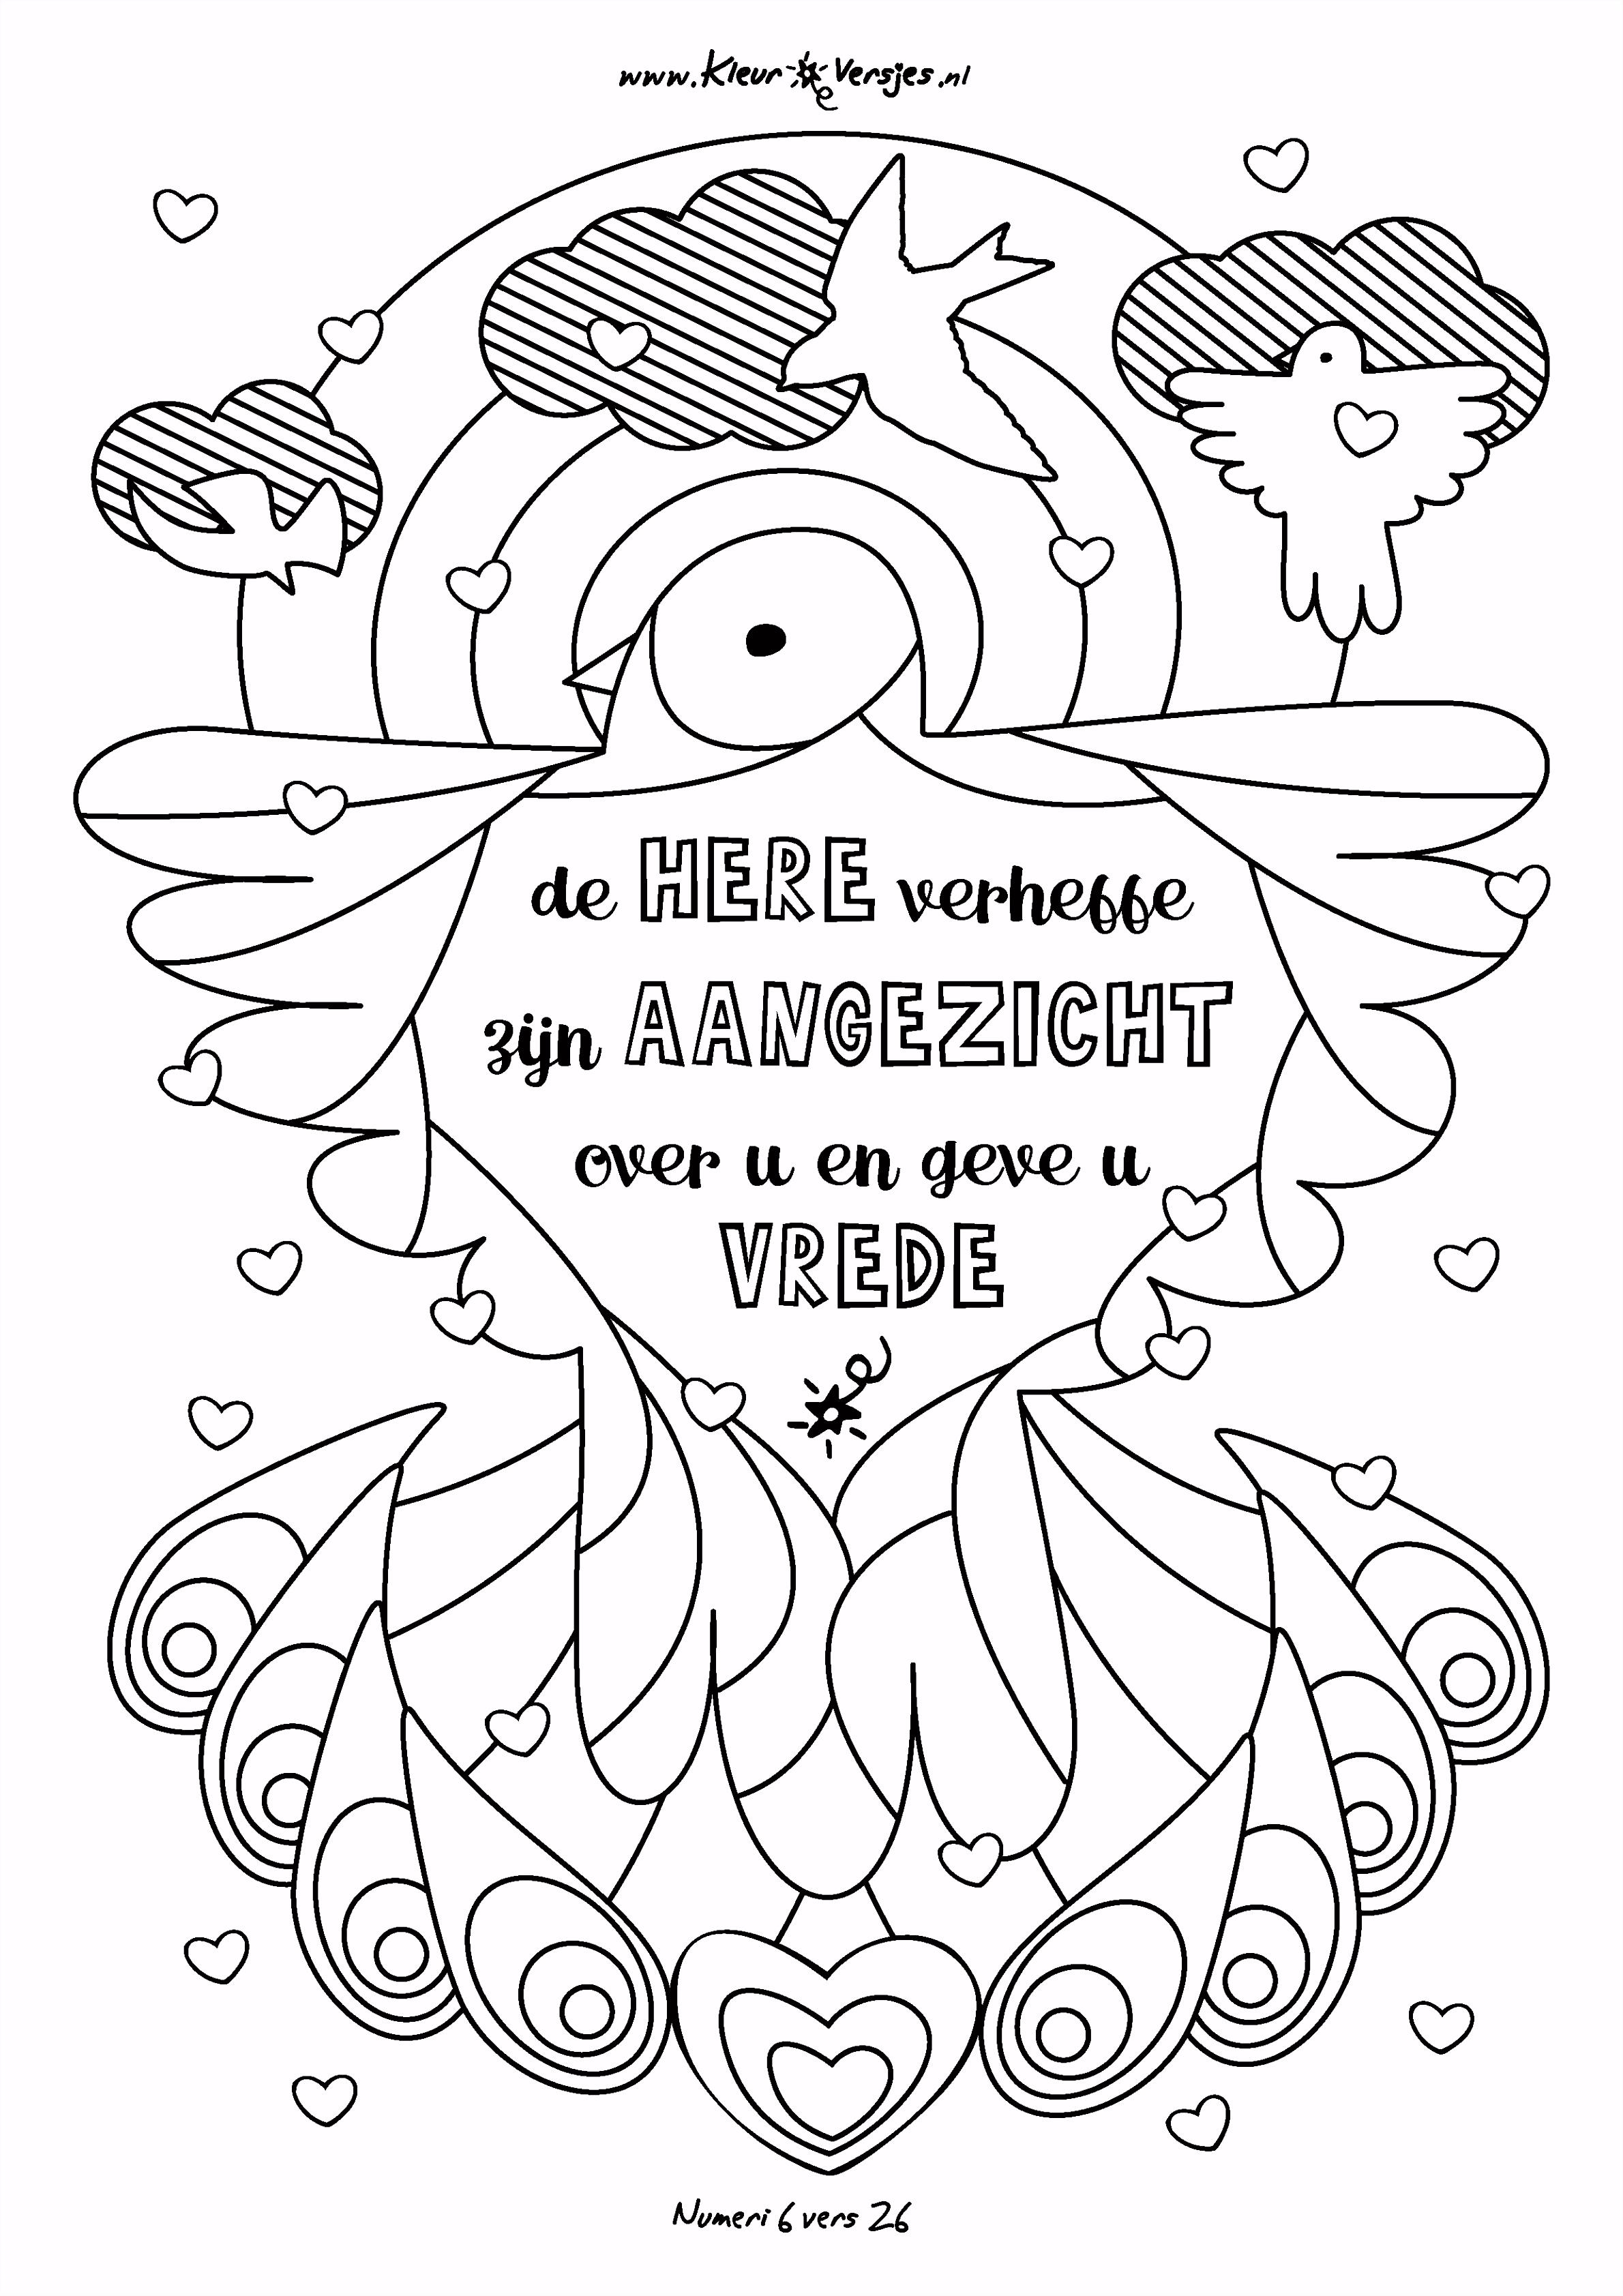 Bijbelse Kleurplaten Voor Peuters.9 Christelijke Kerst Kleurplaten Nl Sampletemplatex1234